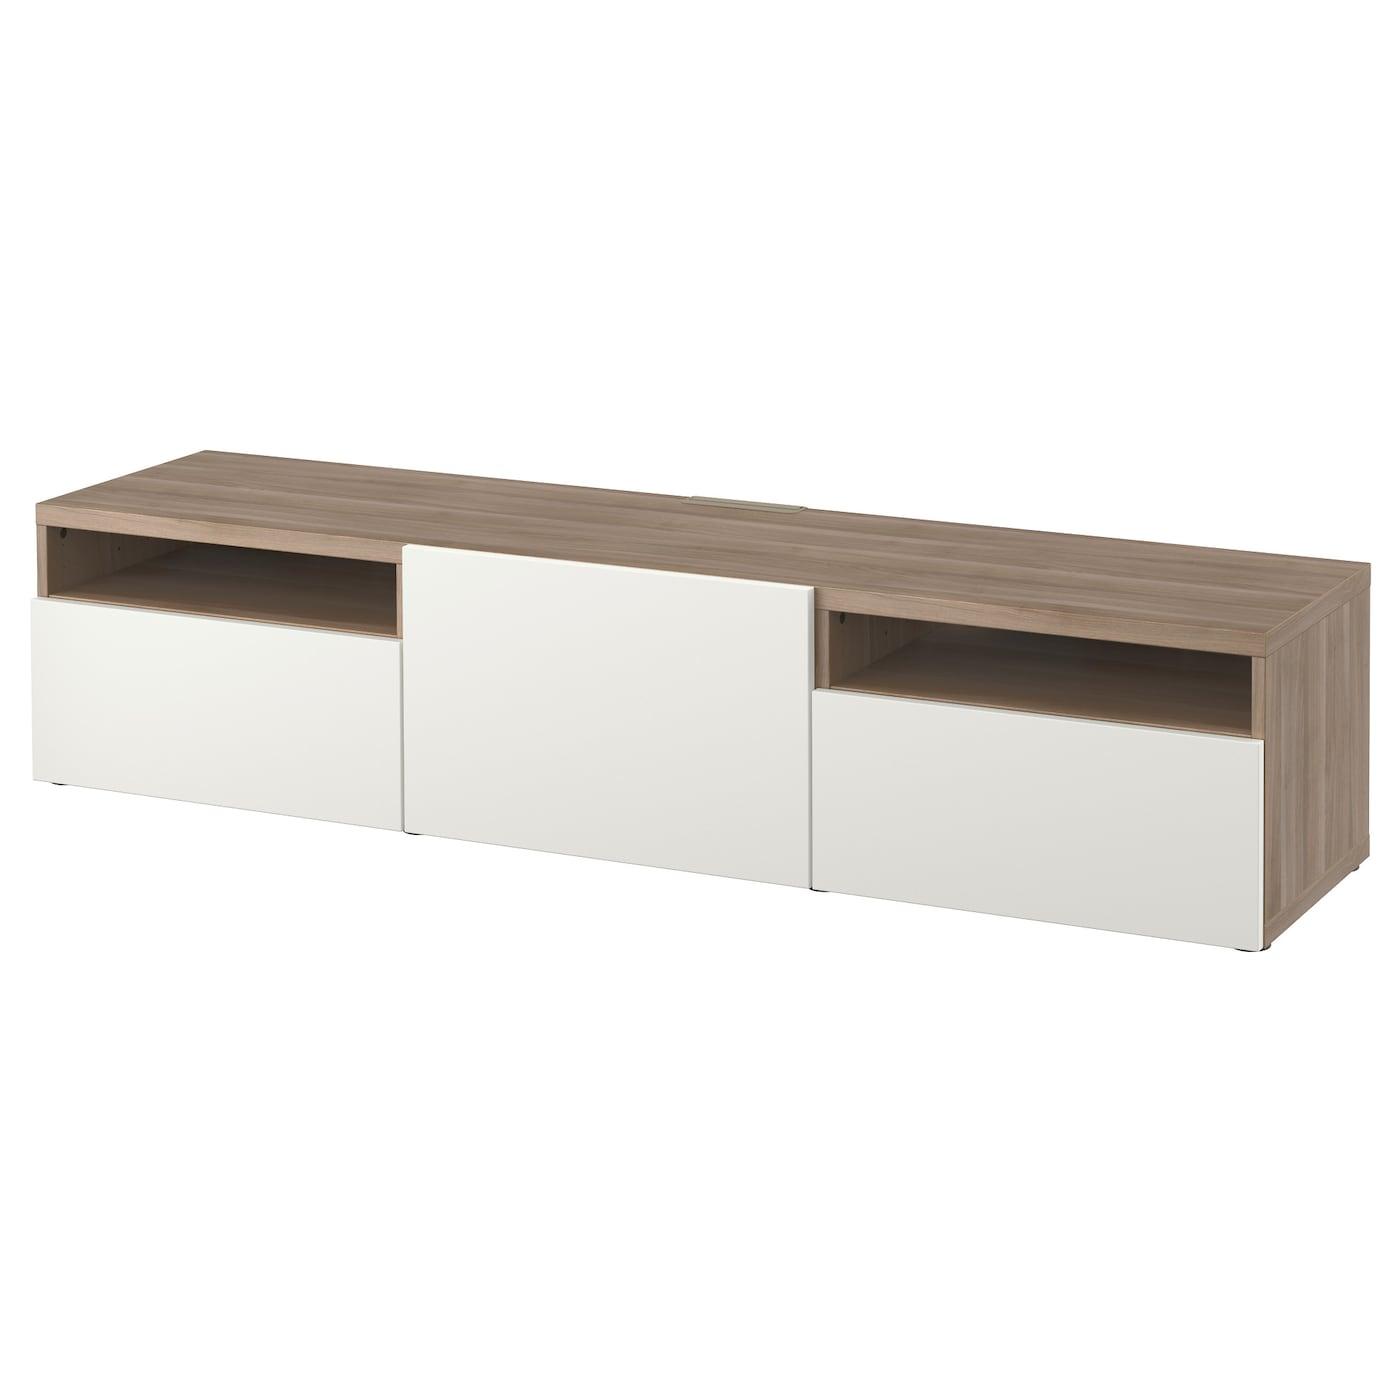 Muebles de TV y Muebles para el Salón | Compra Online IKEA - photo#46